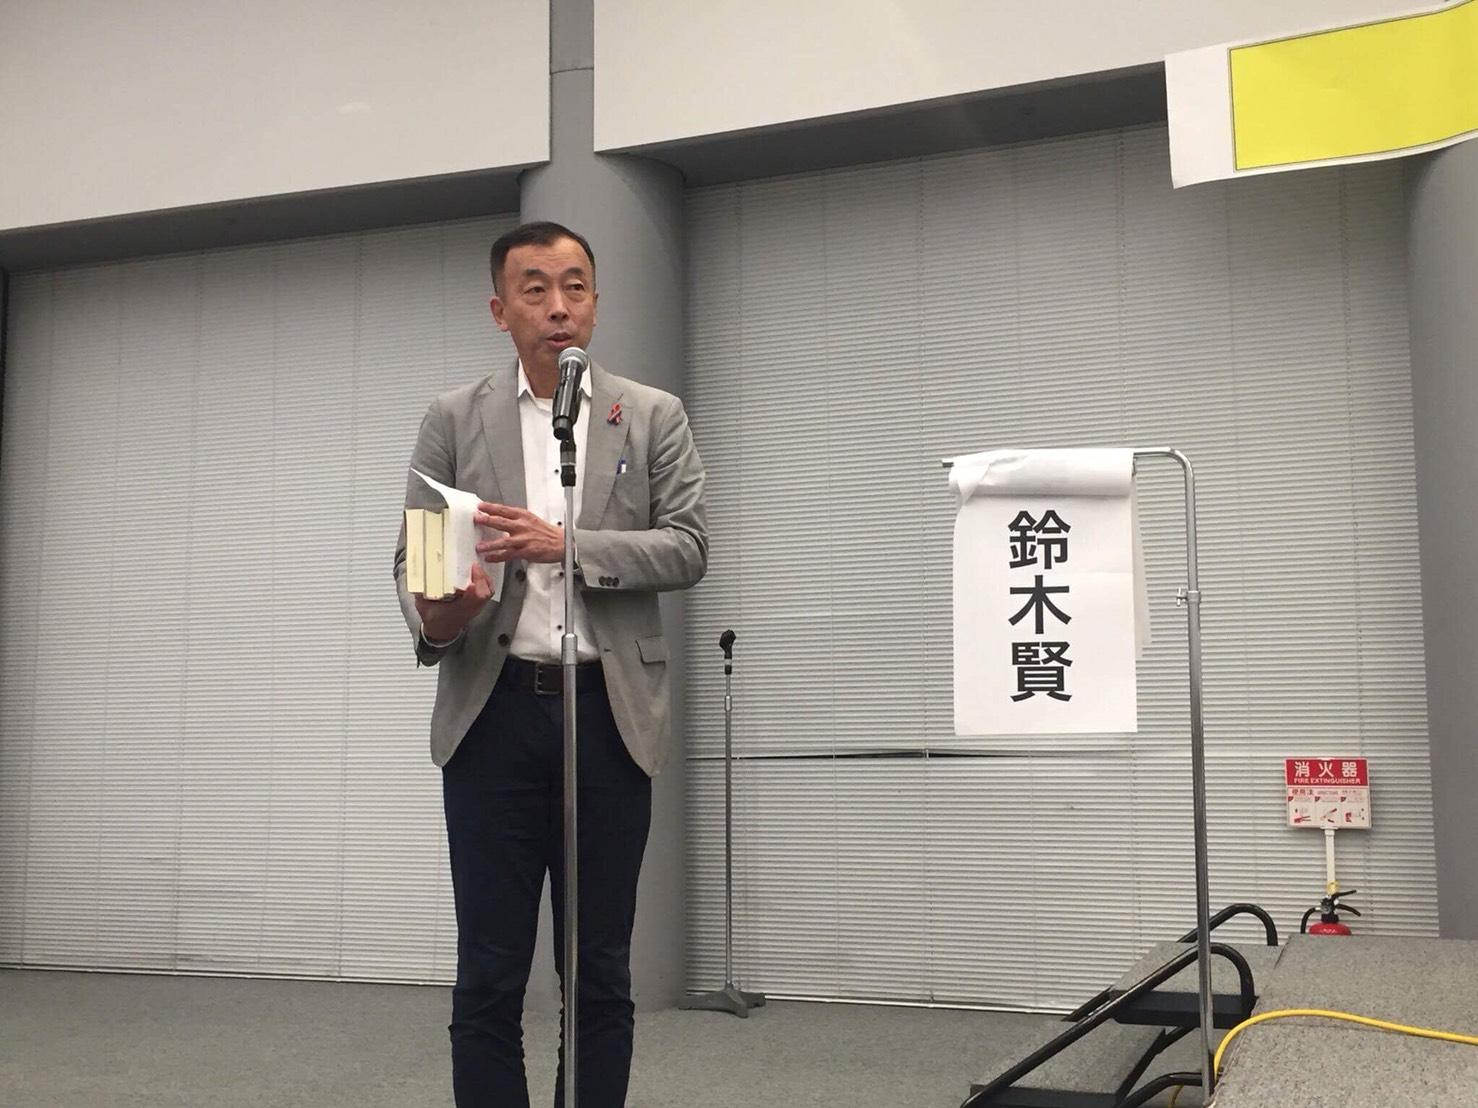 陳光誠講演会